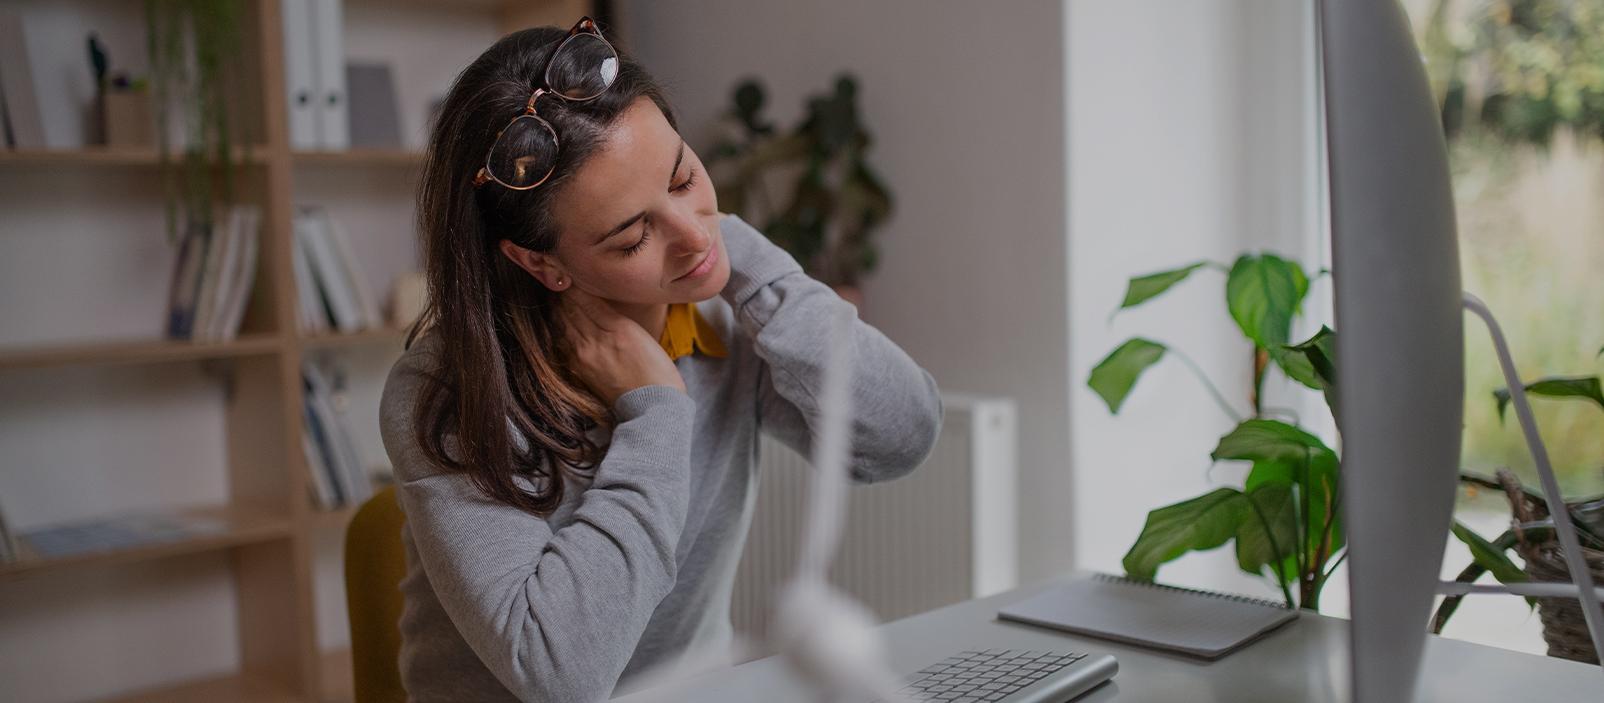 Cómo prevenir el dolor de espaldaen el teletrabajo